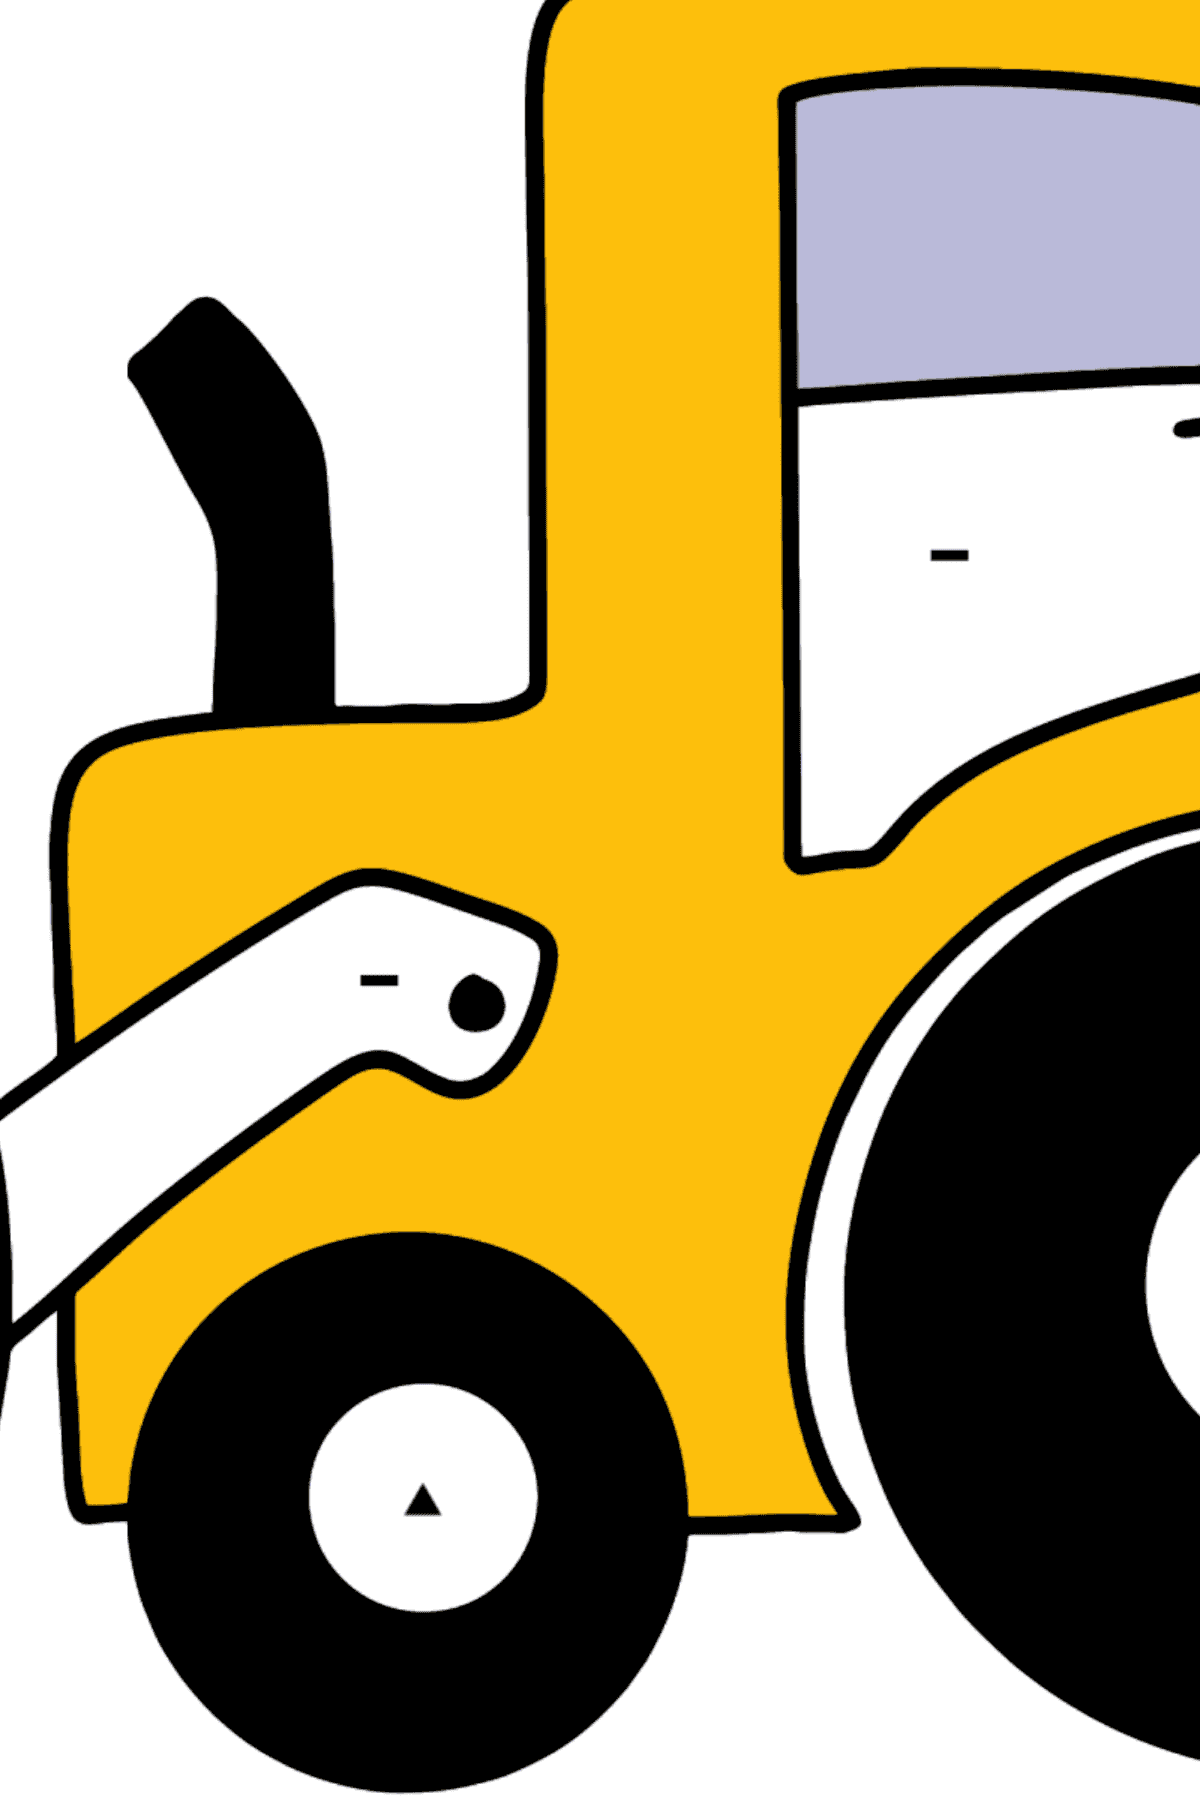 Раскраска простой трактор - Раскраска по Символам для Детей